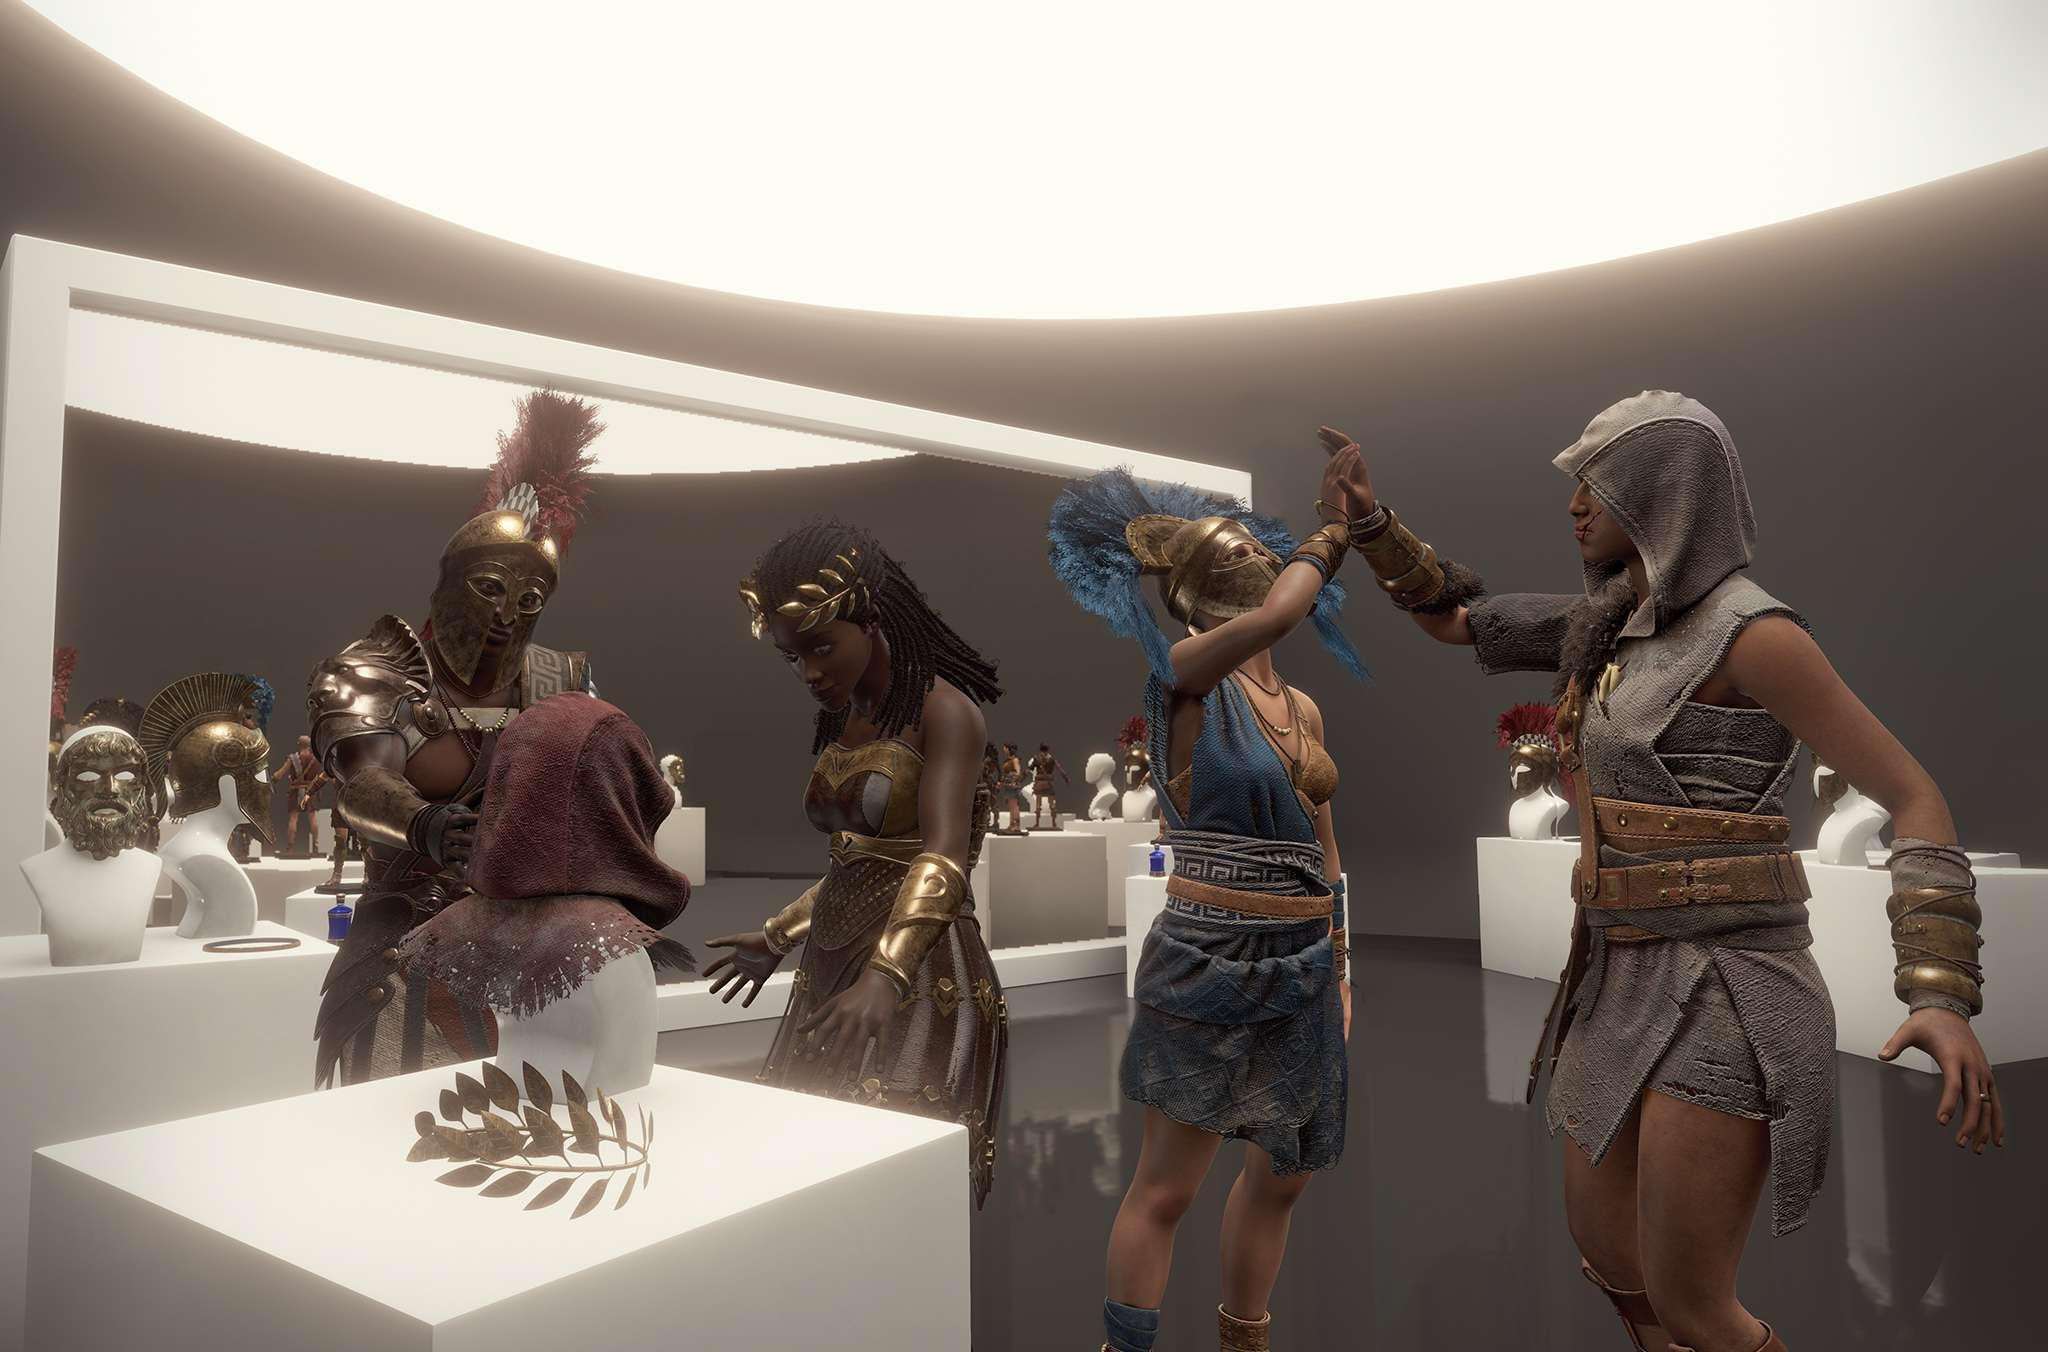 Les escape games en réalité virtuelle d'Ubisoft ont été déployés dans plus de 240 établissements